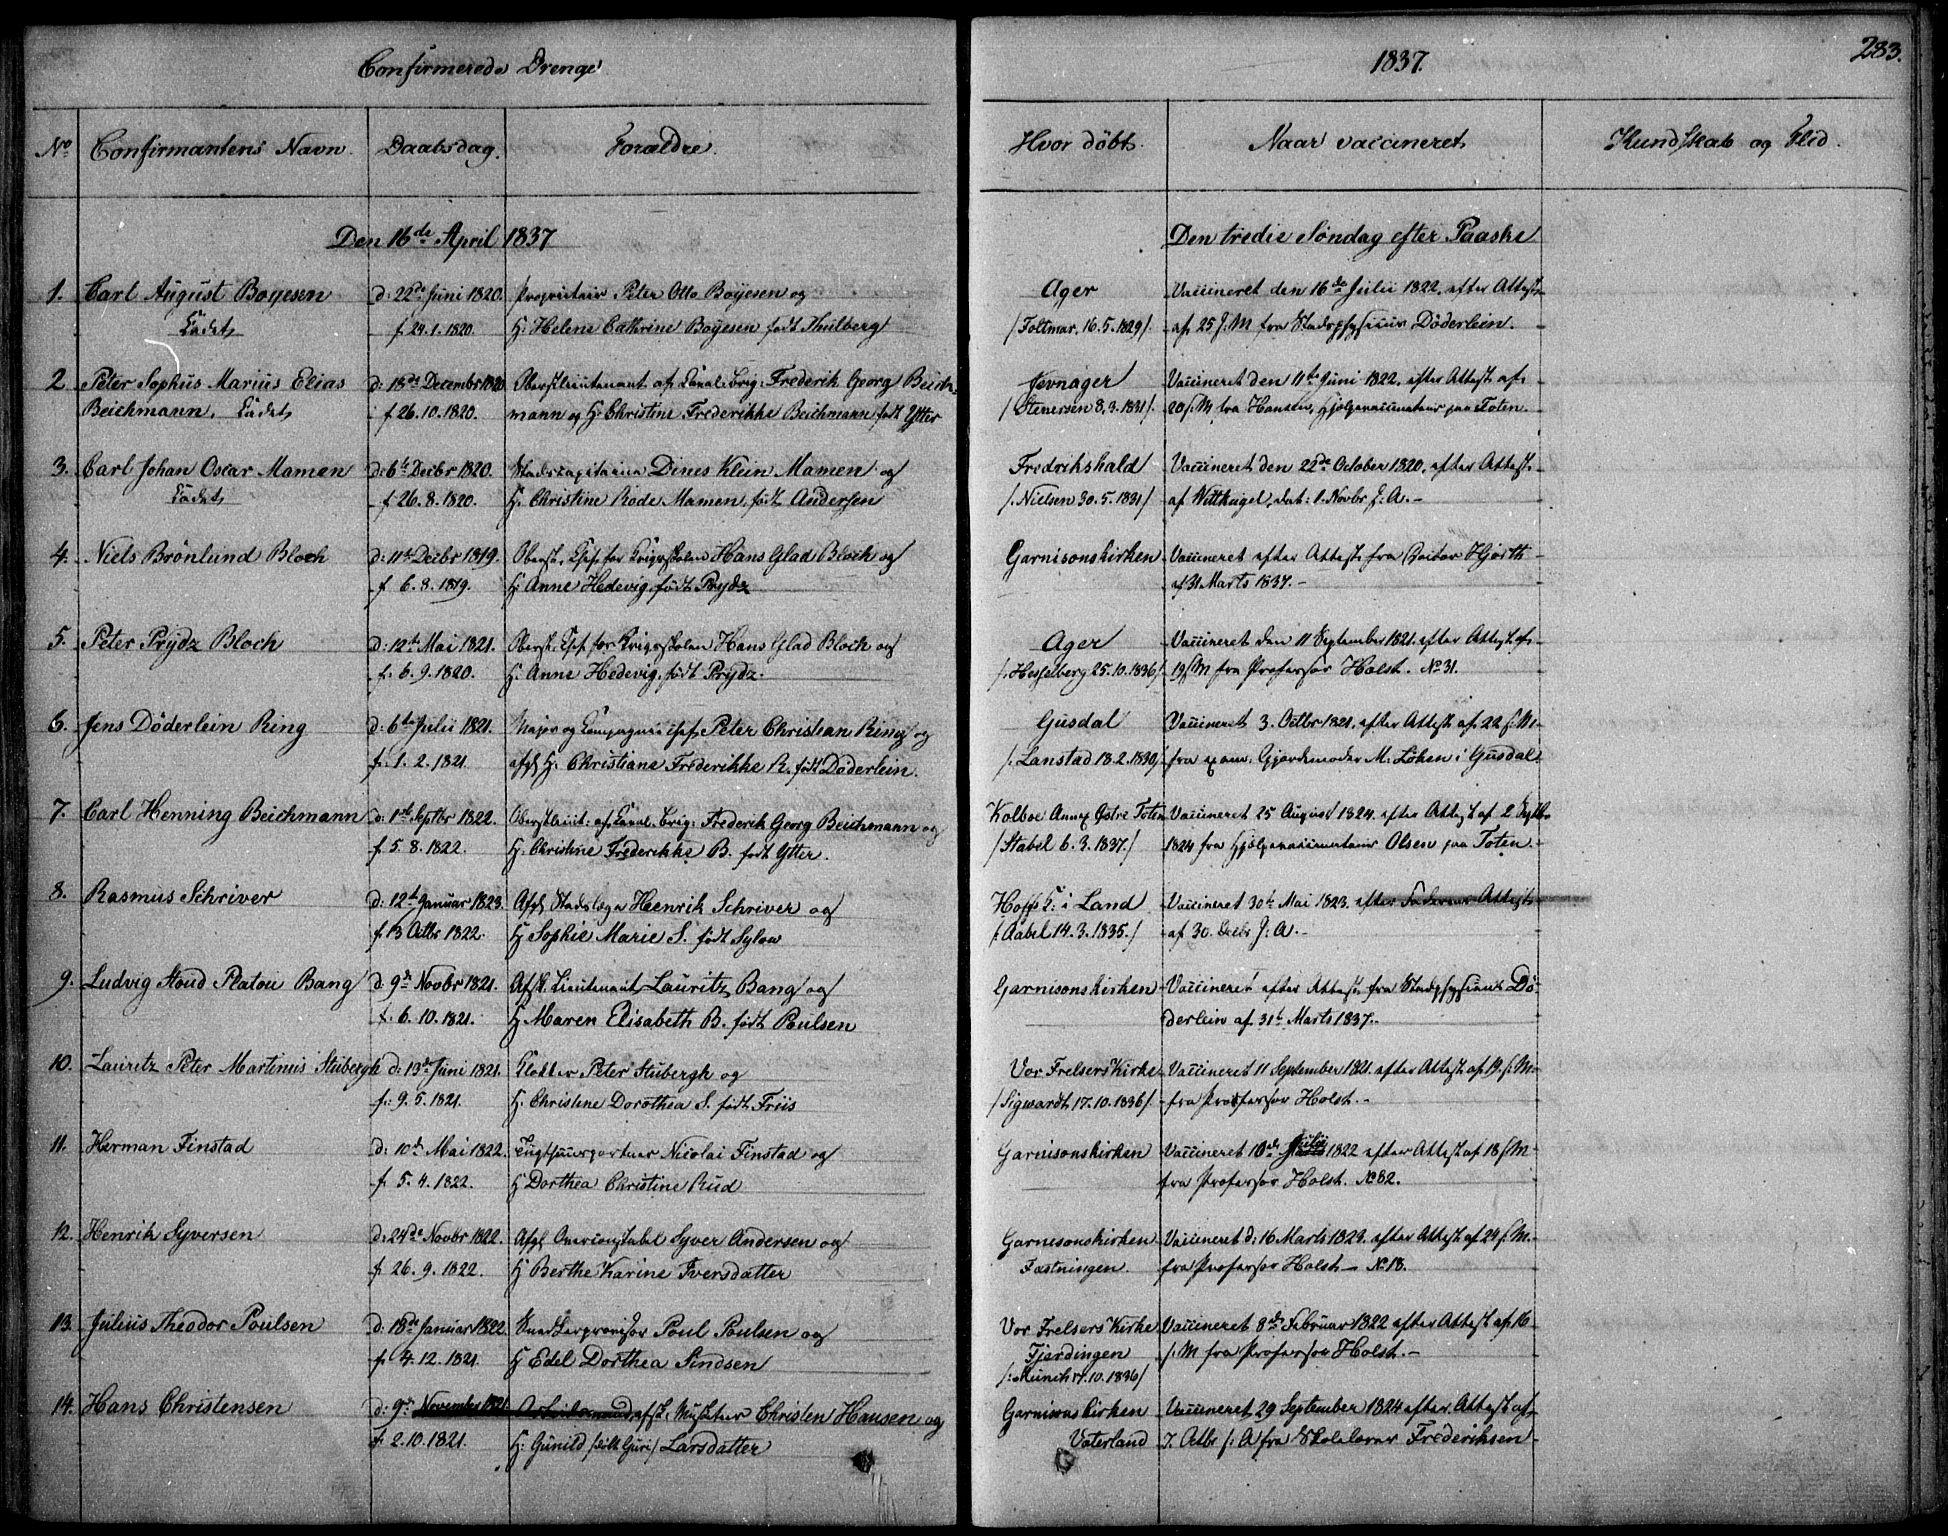 SAO, Garnisonsmenigheten Kirkebøker, F/Fa/L0006: Ministerialbok nr. 6, 1828-1841, s. 283